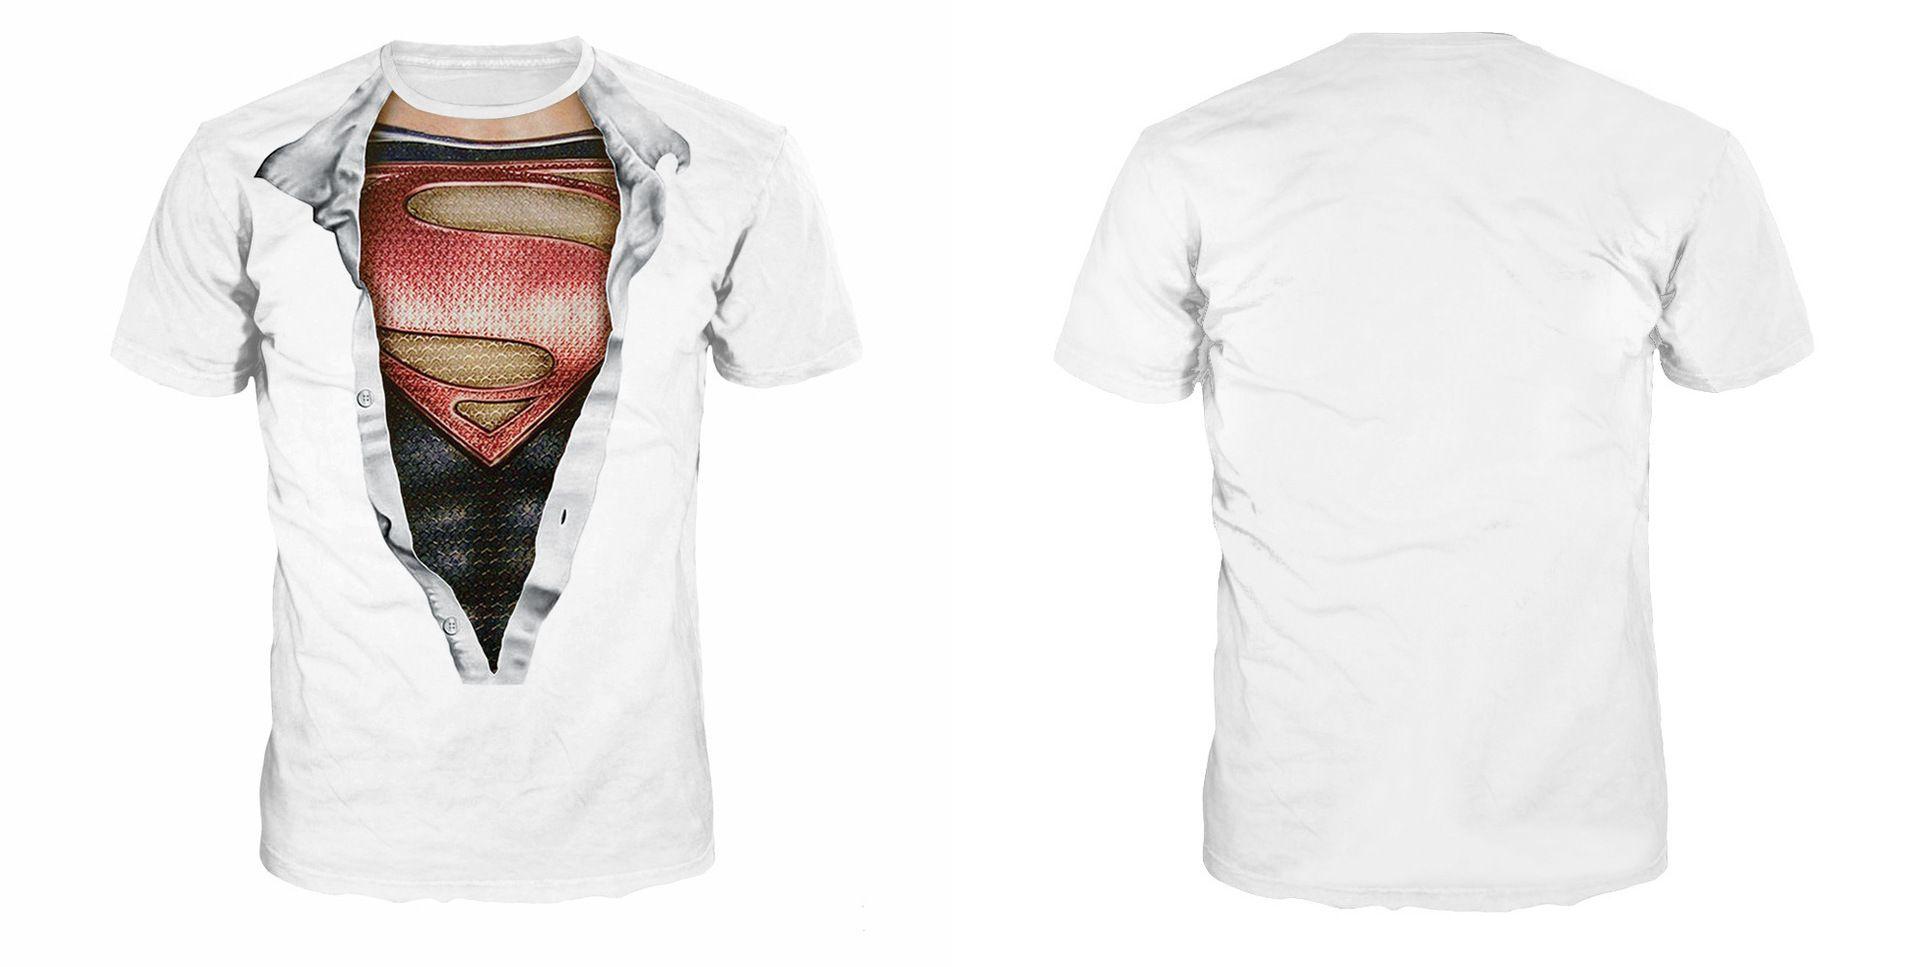 Costume d'Halloween Femmes 3d Imprimer T Chemises Mens Super Hero Imprimer T-shirts Blanc À Manches Courtes Unisexe Unique Surprise Vêtements S-3XL